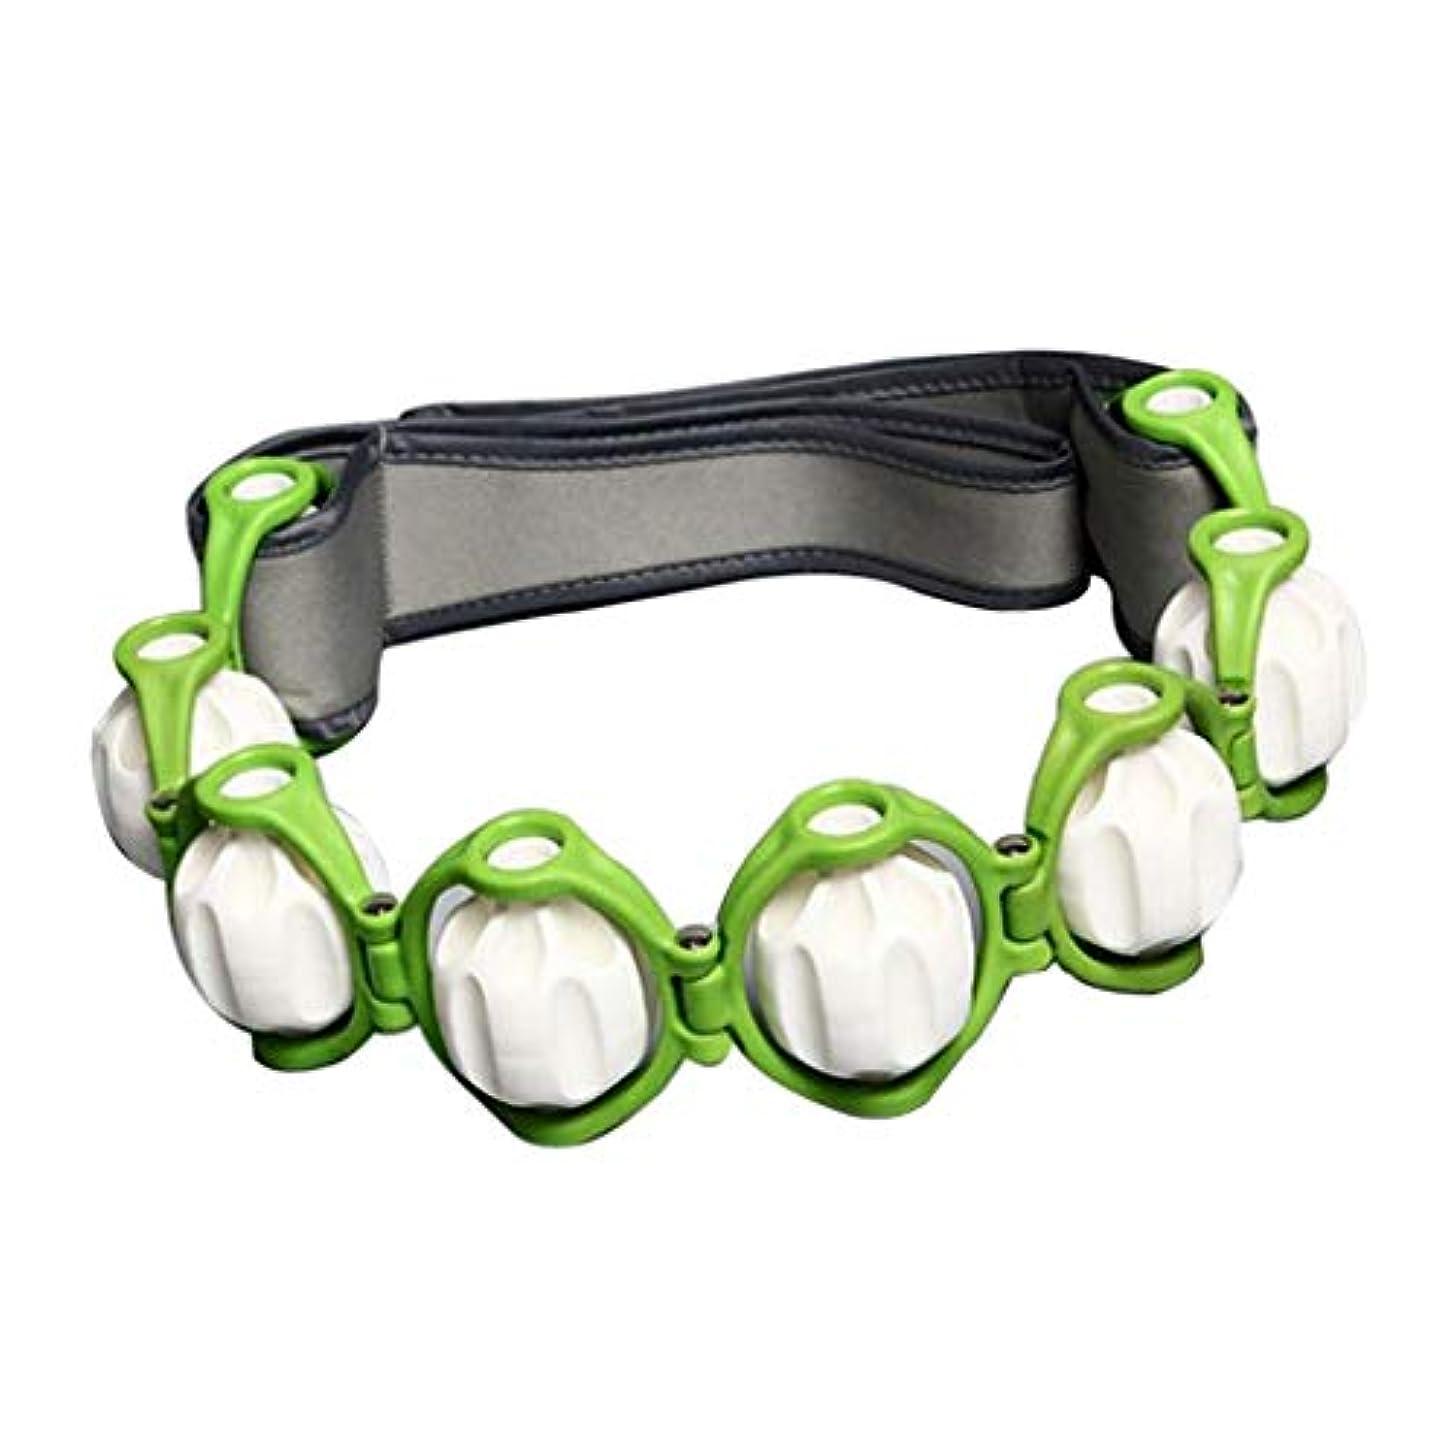 メンダシティ失われた分岐するボディマッサージローラー ロープ付き 六つボール 4色選べ - 緑, 説明したように